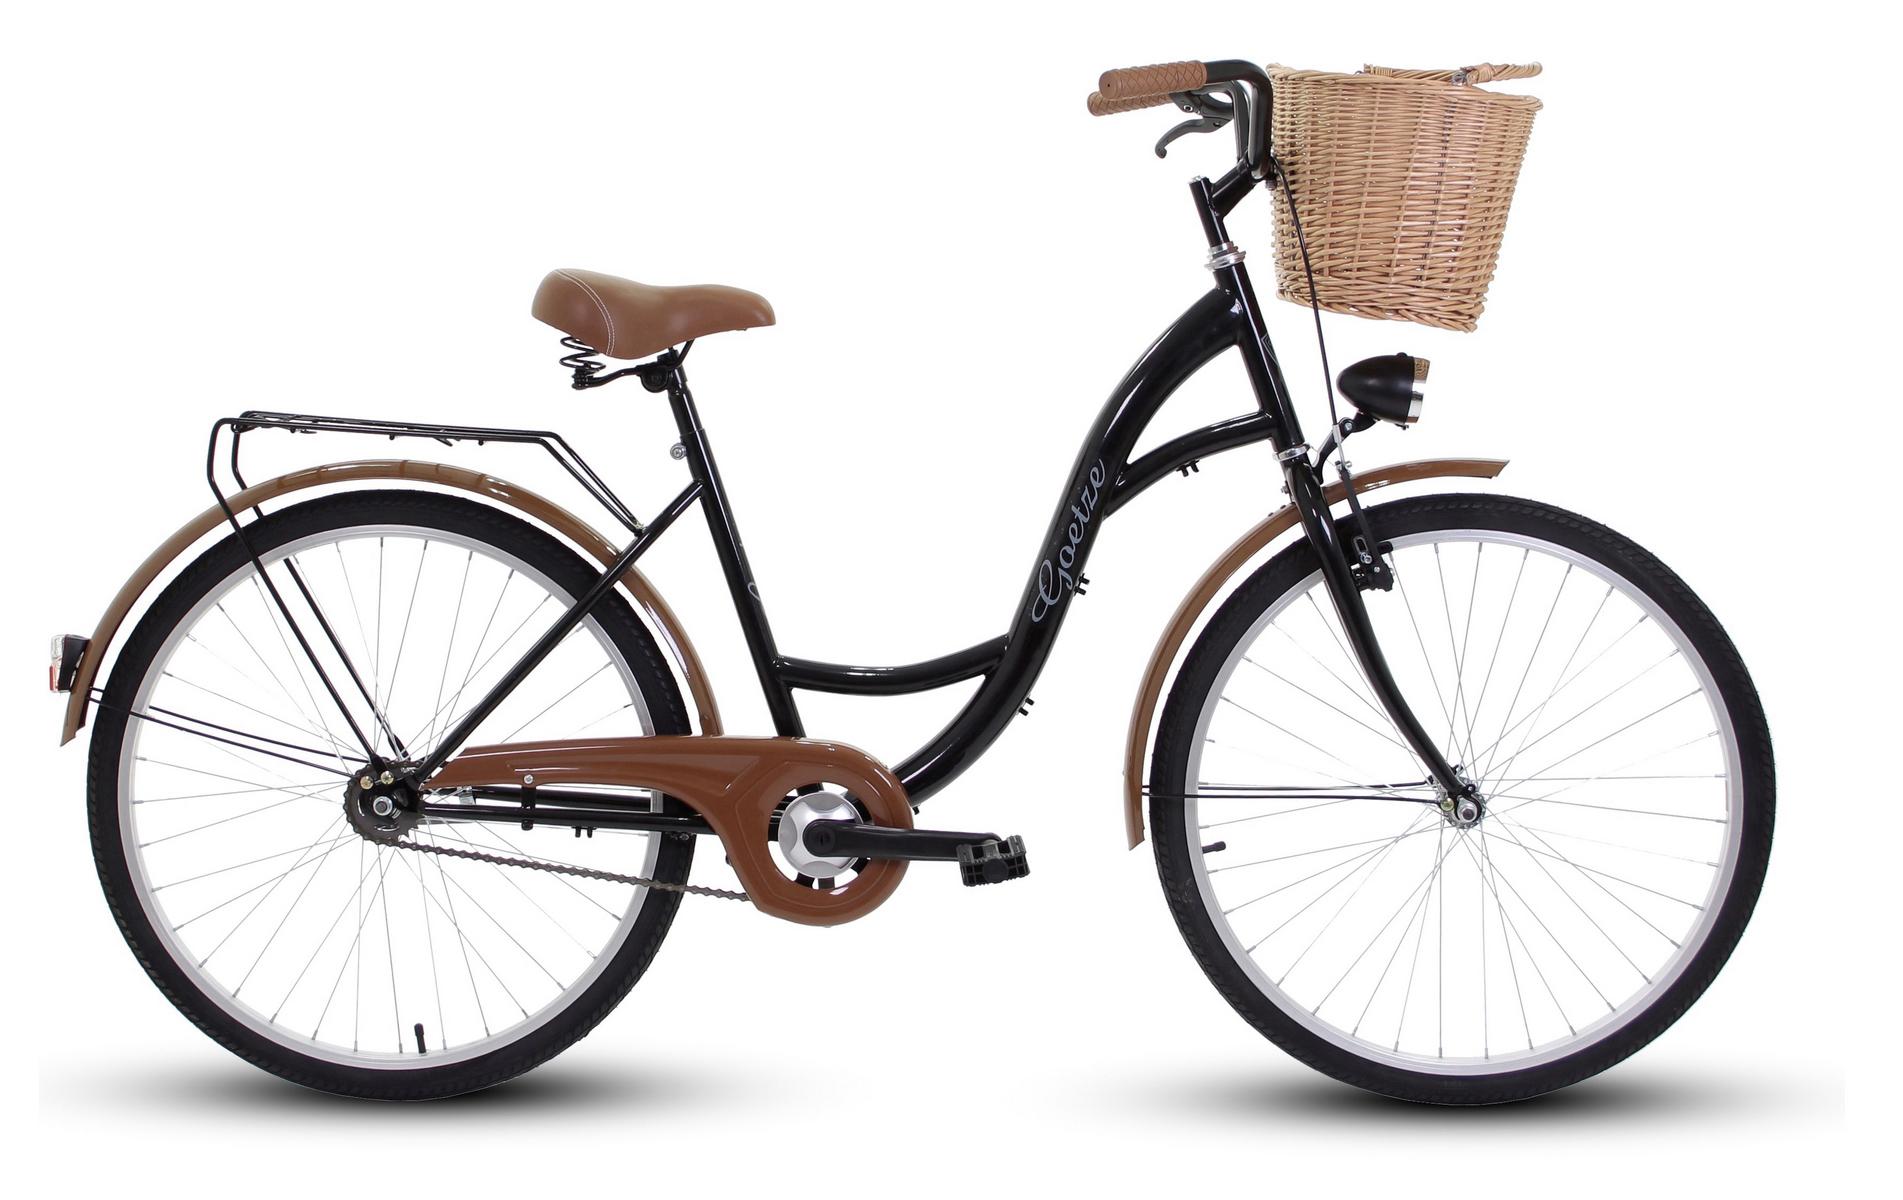 Dámsky mestský bicykel GOETZE 26 eco lady + košík !!!  Torpédové brzdy s brzdou v tvare V.